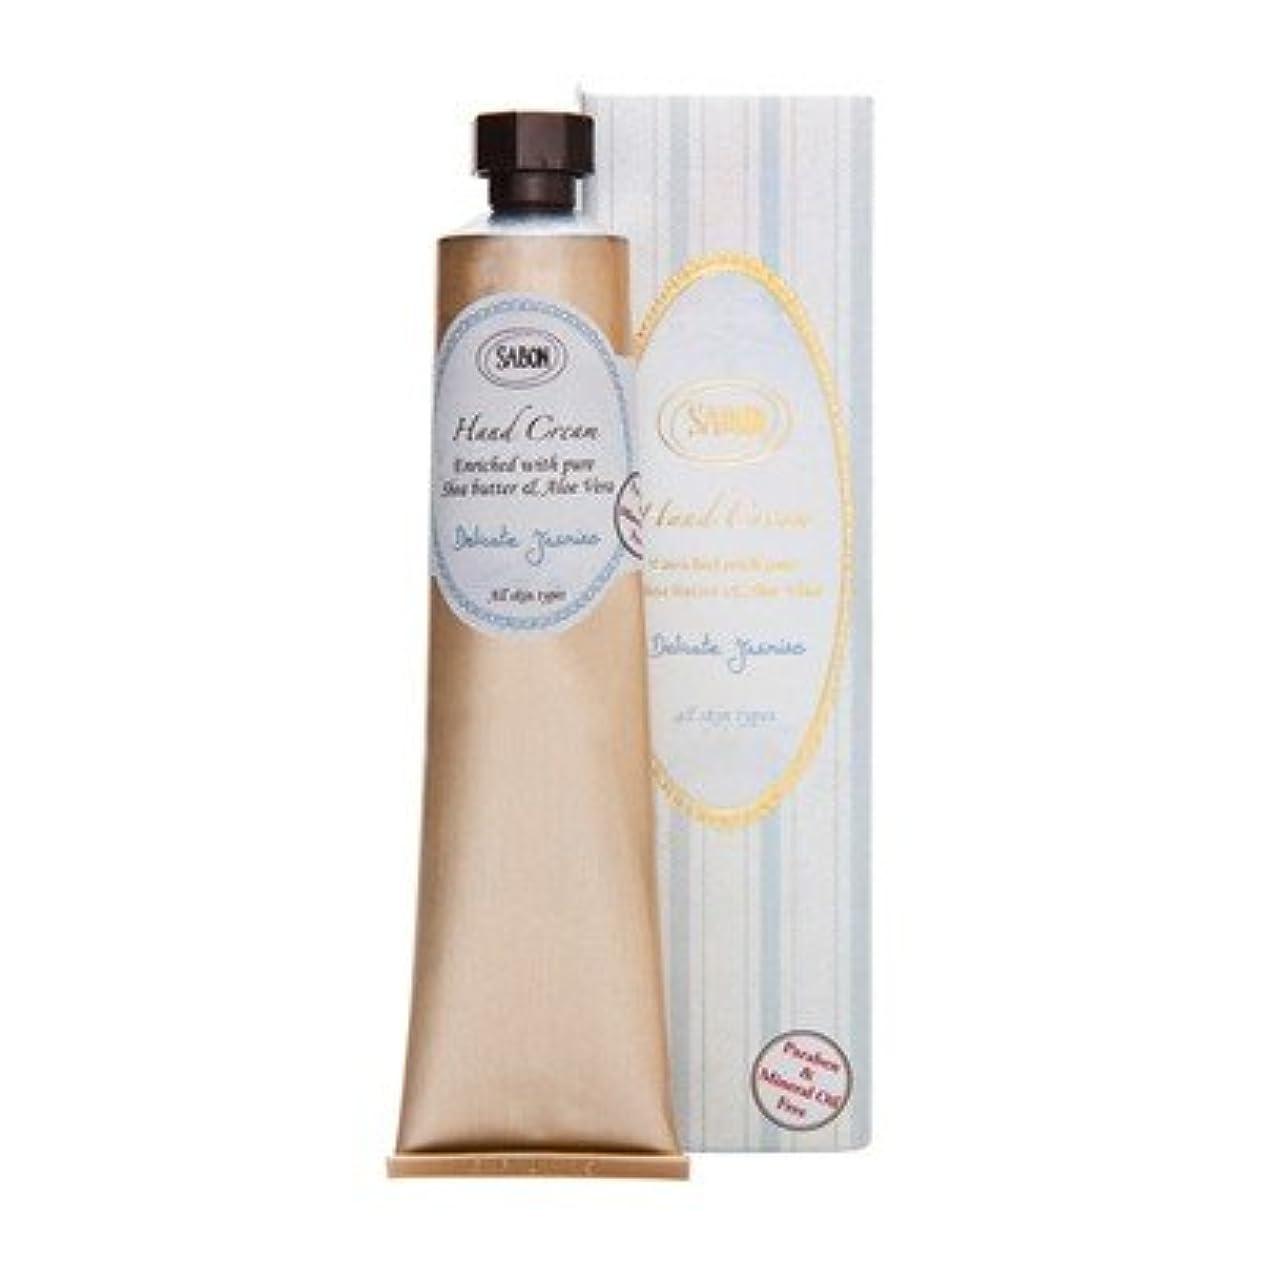 ベットピルファーバッジ【SABON(サボン)】ハンド クリーム デリケート ジャスミン Hand Cream Delicate Jasmine